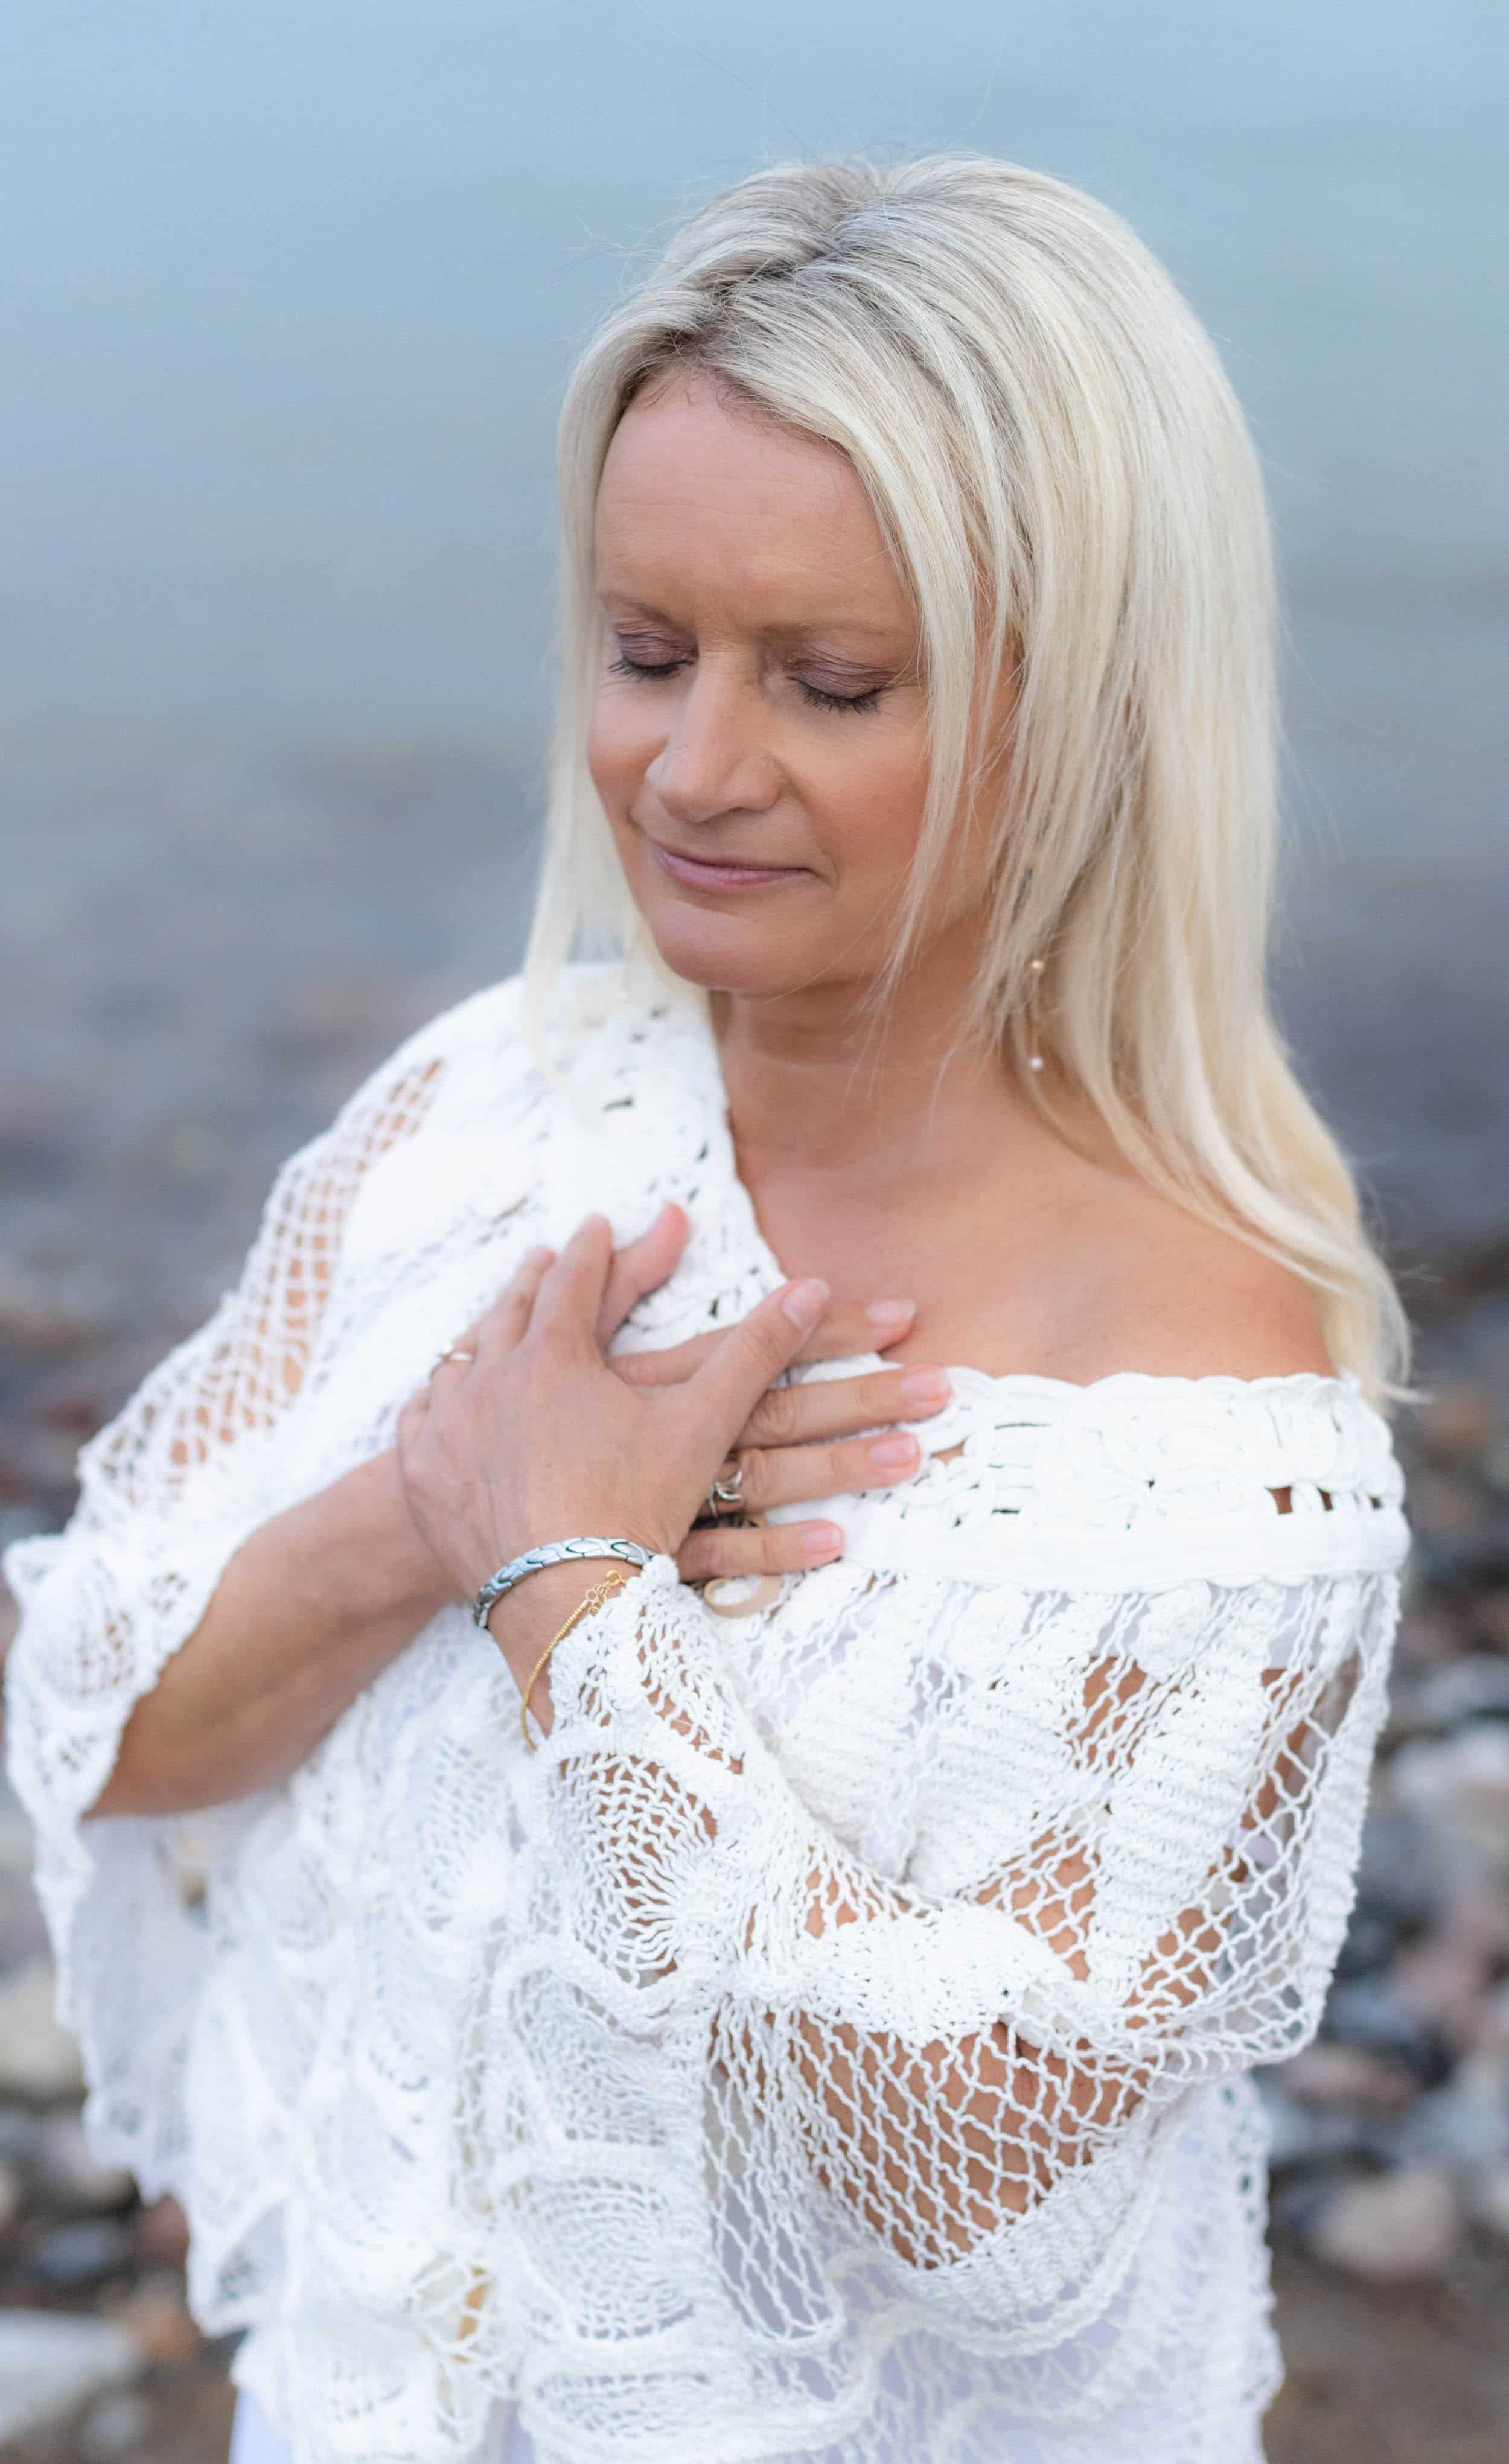 meditation odense - meditation fyn - meditation online - meditation Skype - gratis meditation - lær at meditere fyn - lær at meditere odense - lær at meditere online